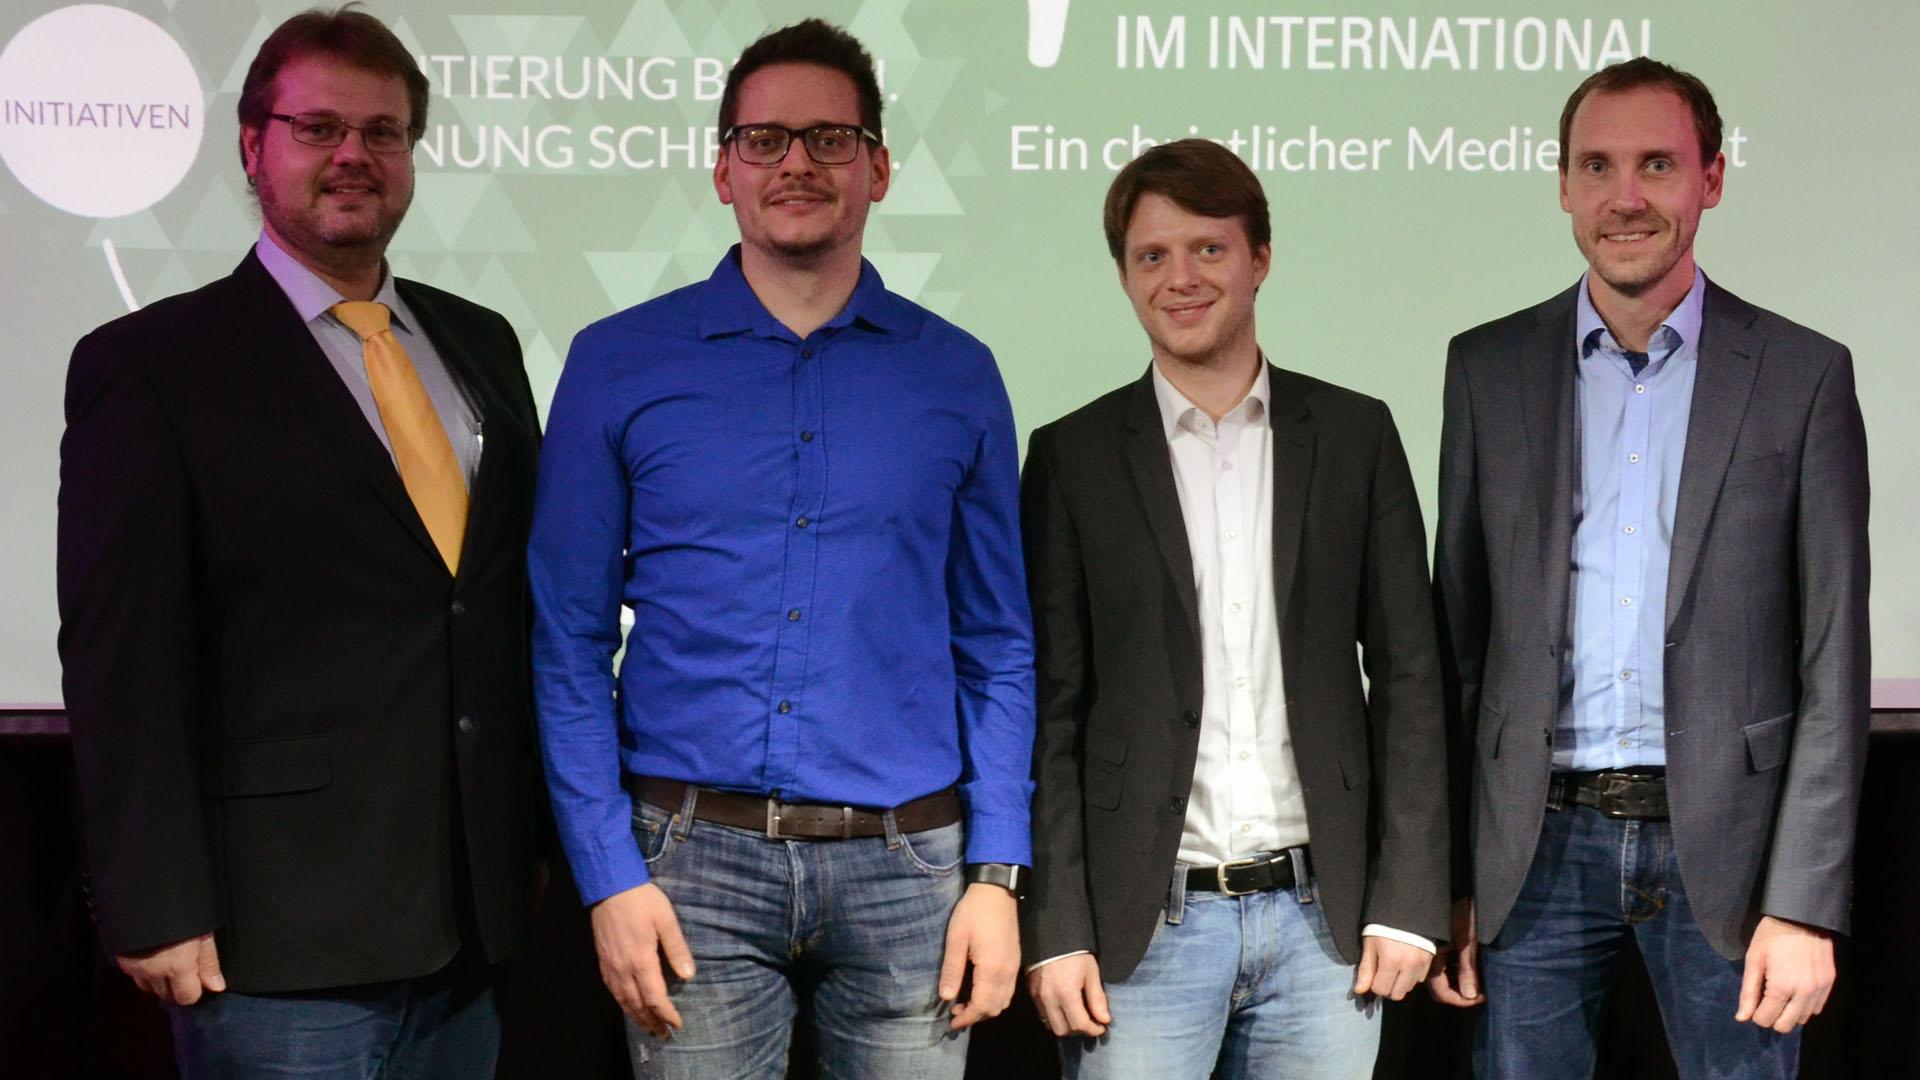 Vorstand IM Deutschland (v. l. n. r.): Timo Marks, David Spies, Marius Bernhardt, Sven Kühne